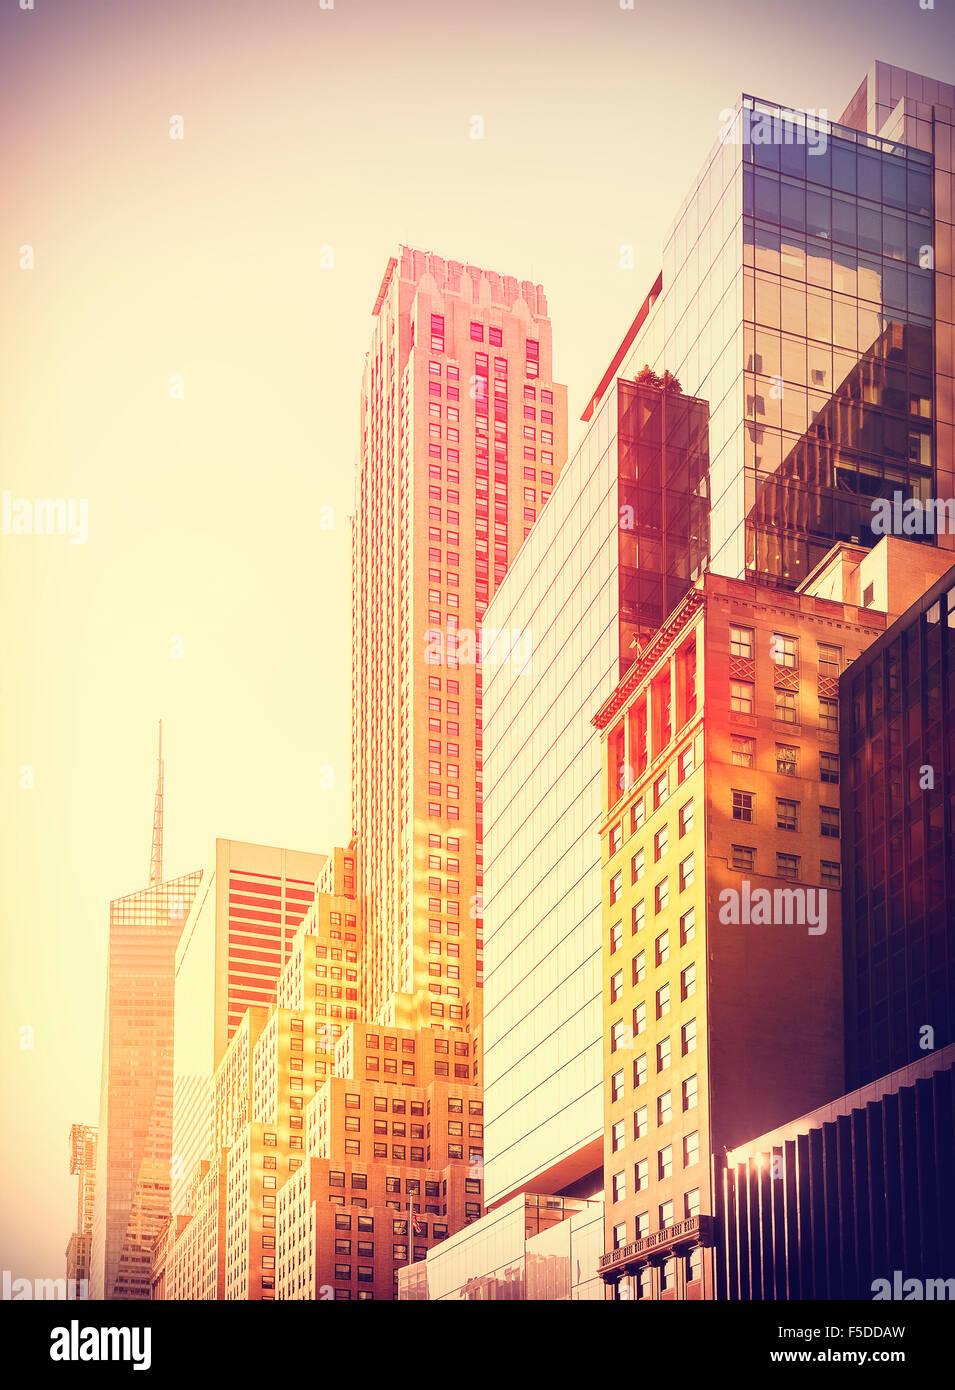 Vintage Instagram gefilterte Foto von Wolkenkratzer in Manhattan bei Sonnenuntergang, New York City, USA. Stockbild